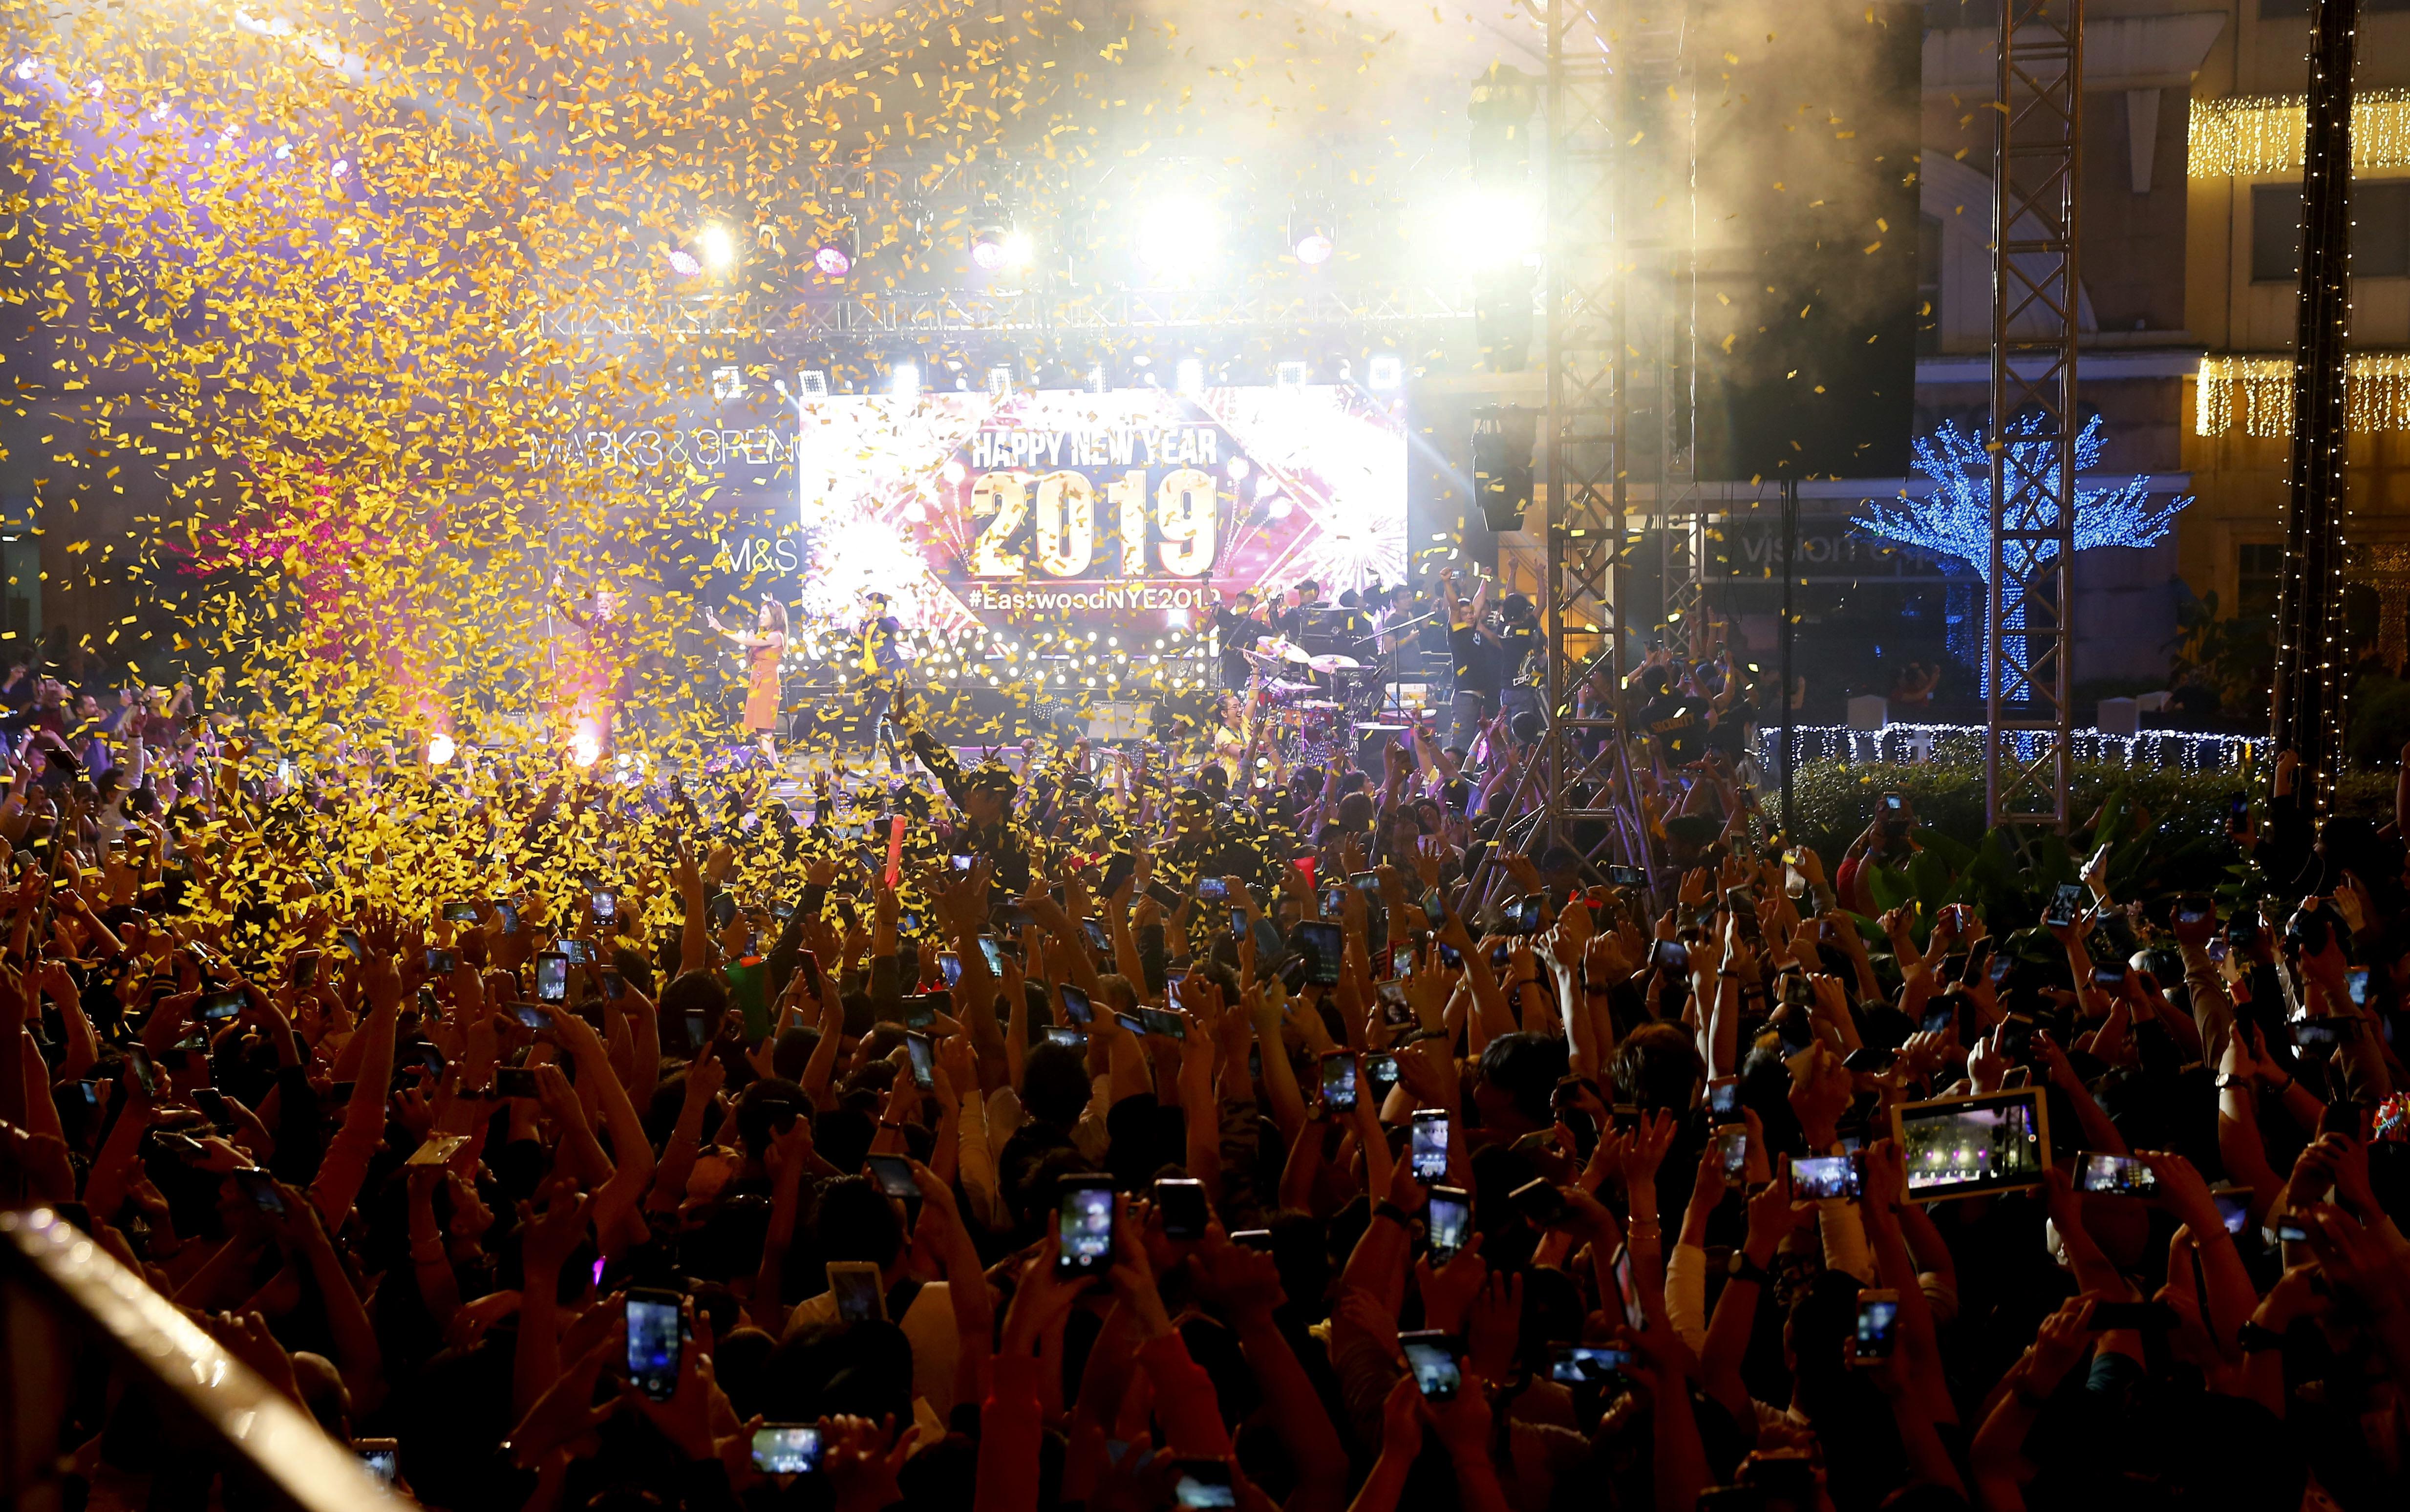 Una lluvia de confeti cae sobre los juerguistas en el centro comercial Eastwood que reciben el Año Nuevo (AP Foto/Bullit Marquez)